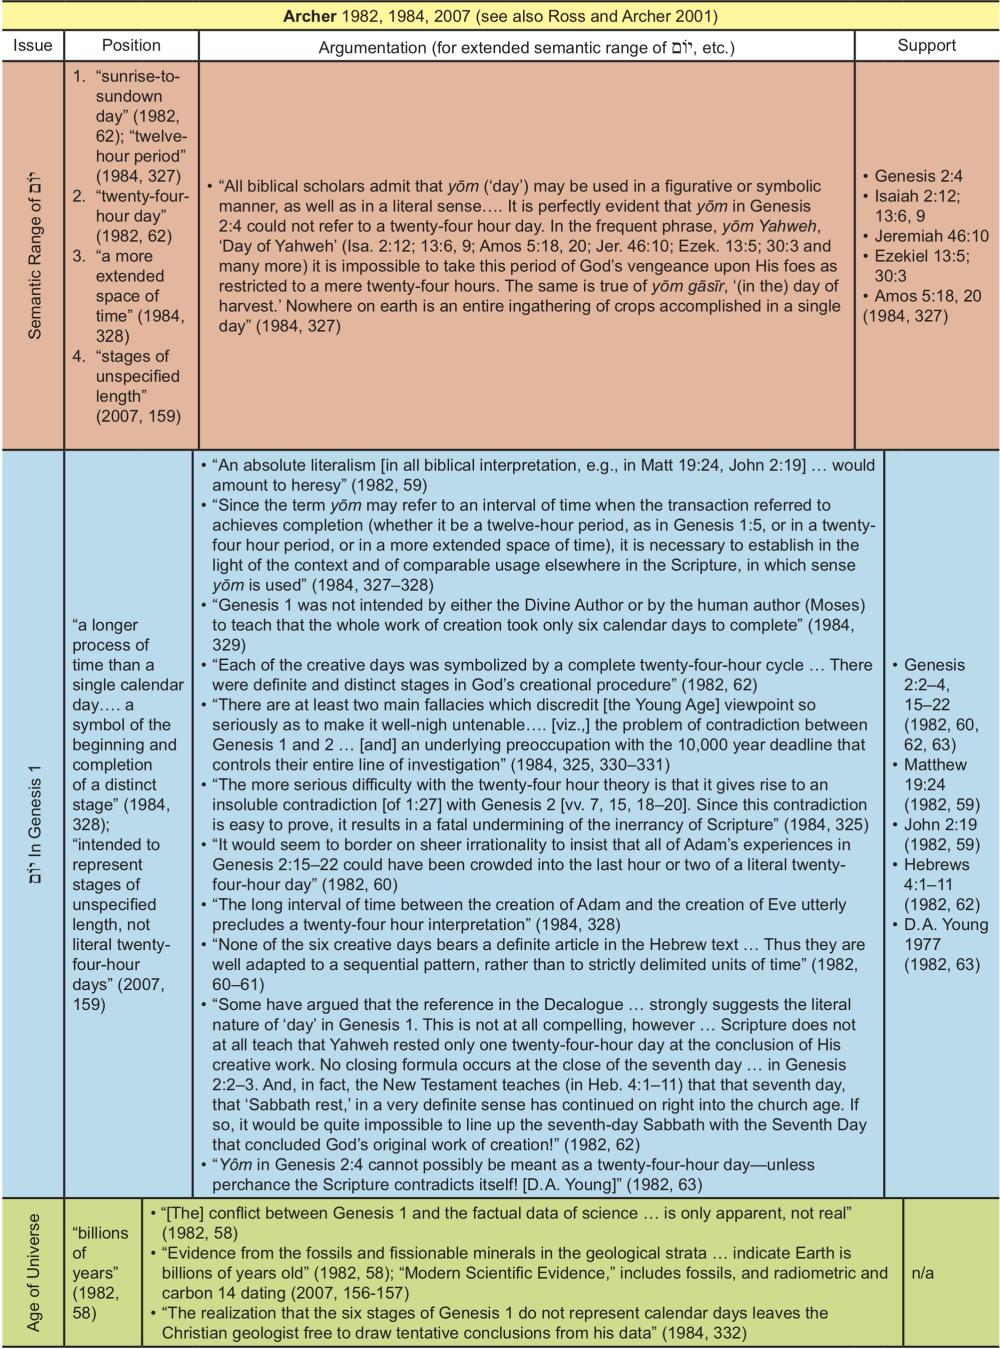 Appendix Table 1